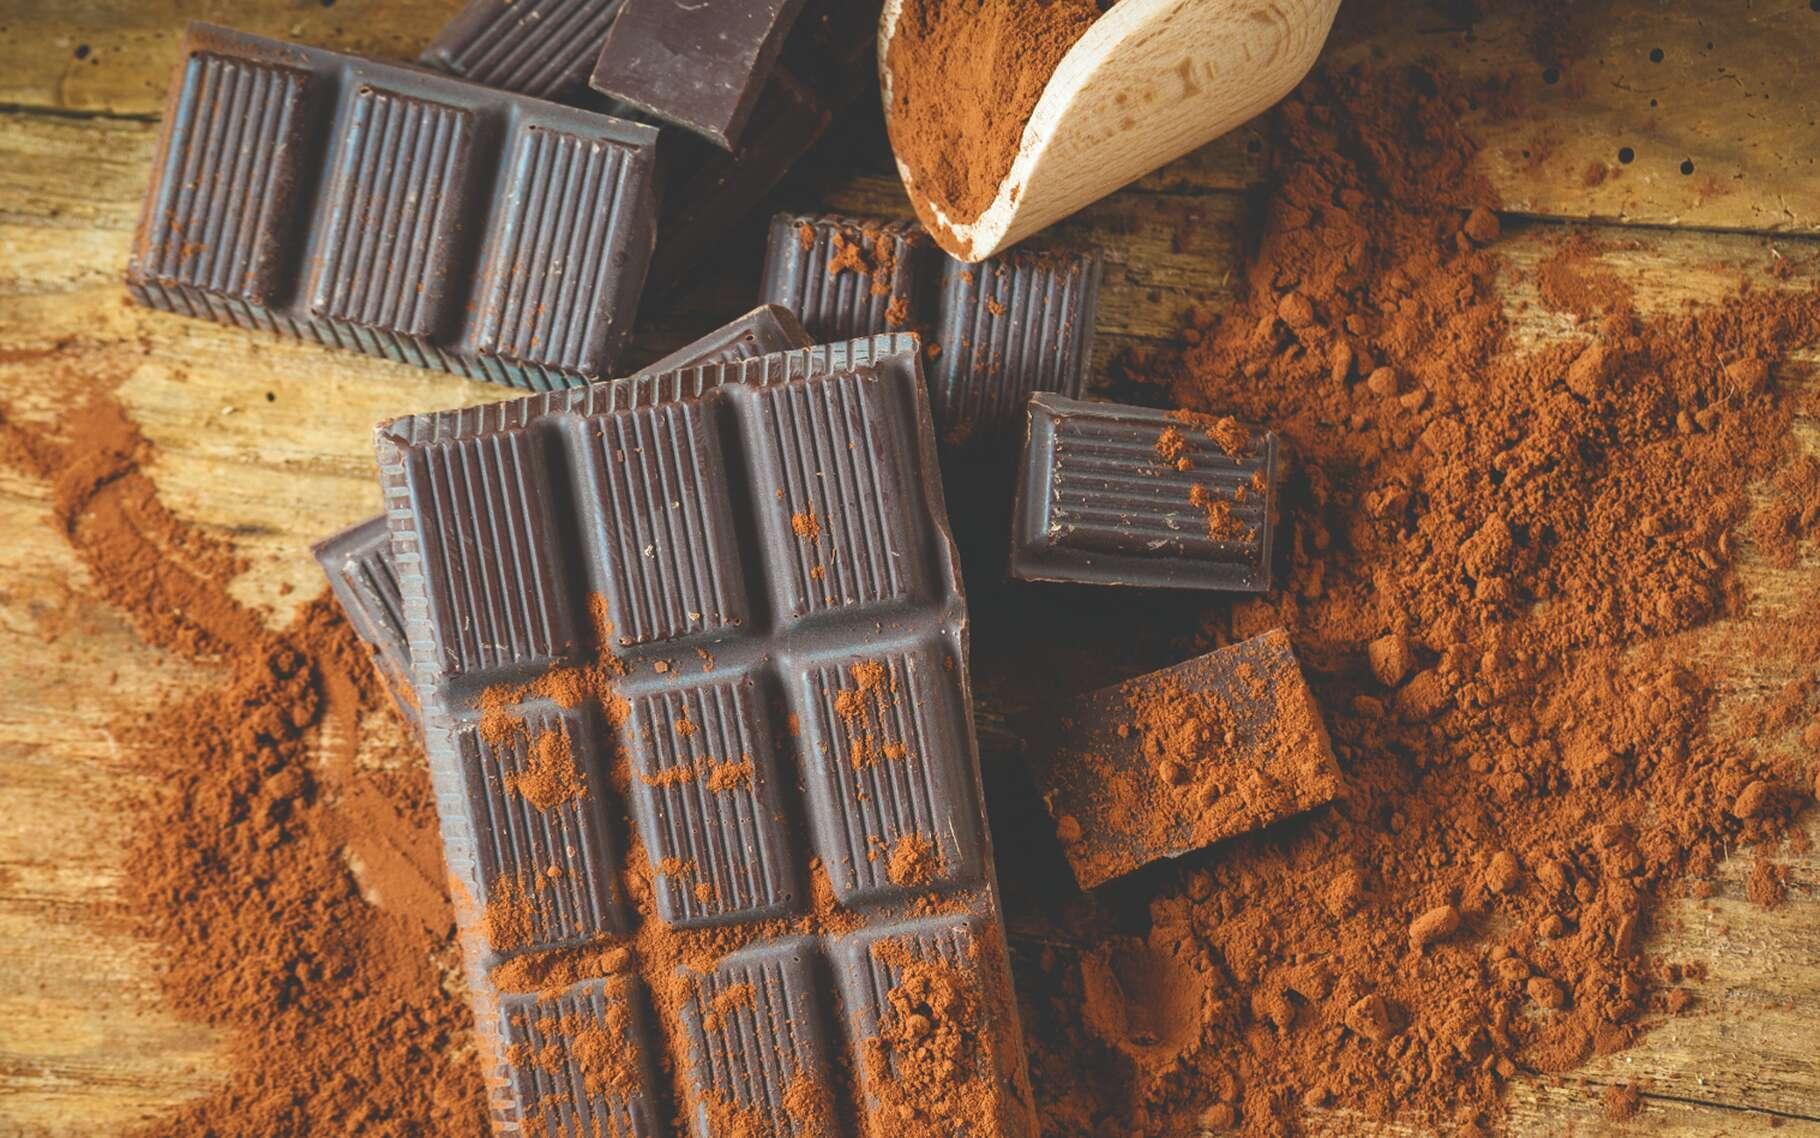 D'abord reconnu par le peuple maya, puis adopté en Europe comme breuvage, le chocolat est devenu une préparation raffinée, mais aussi grossièrement imitée par des procédés industriels pour faire face à une demande désormais planétaire. Retrouvez sa véritable histoire et sa vraie nature. © JaroPienza, Shutterstock